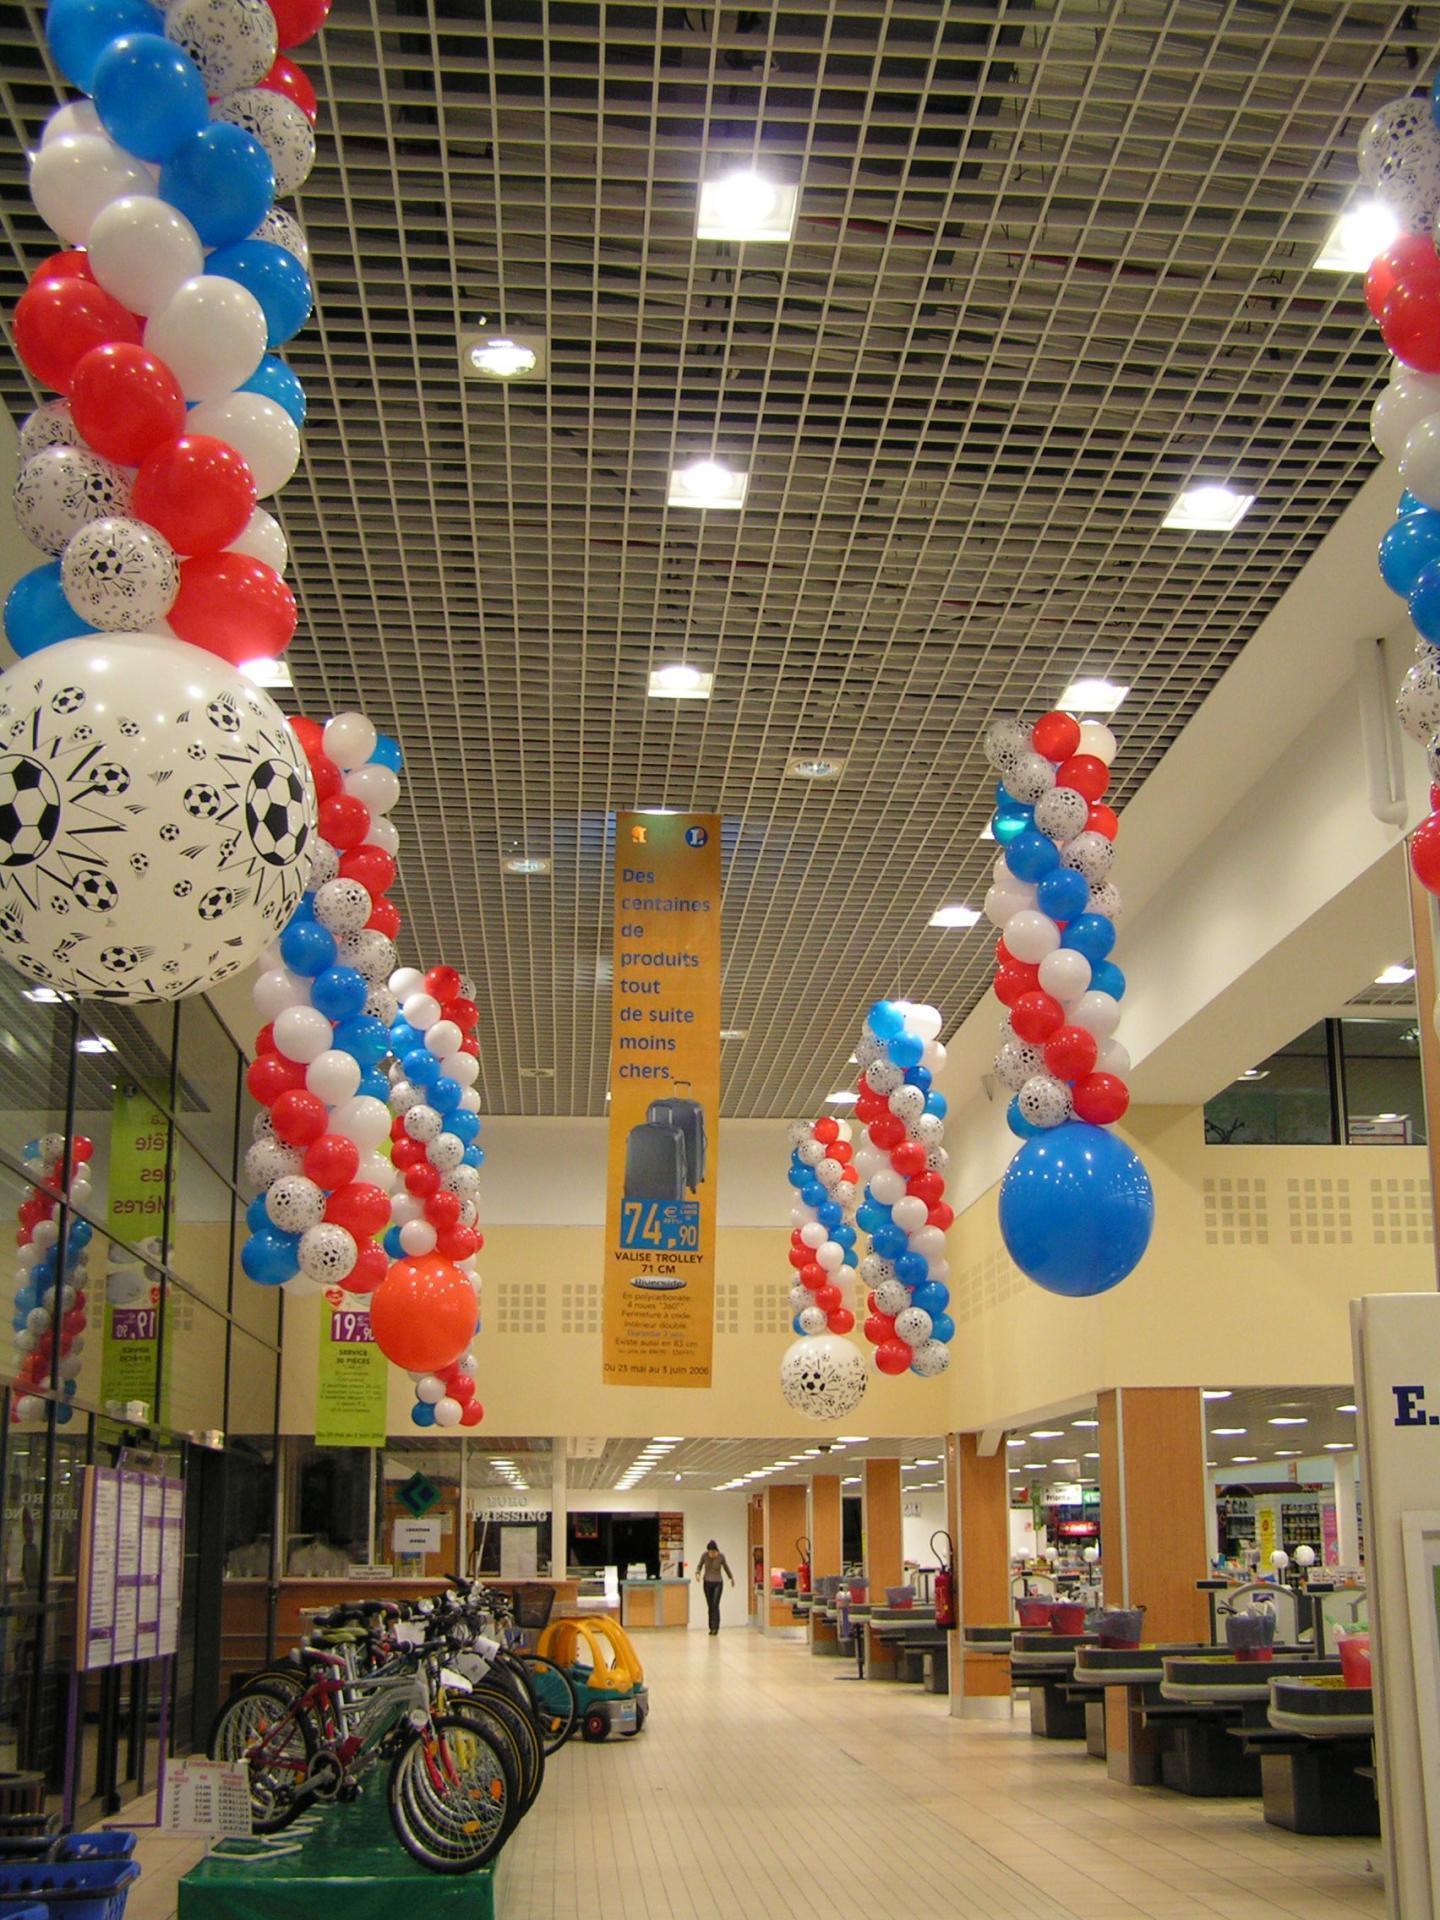 D coration ballons pour l 39 v nement coupe du monde foot for Decoration en france